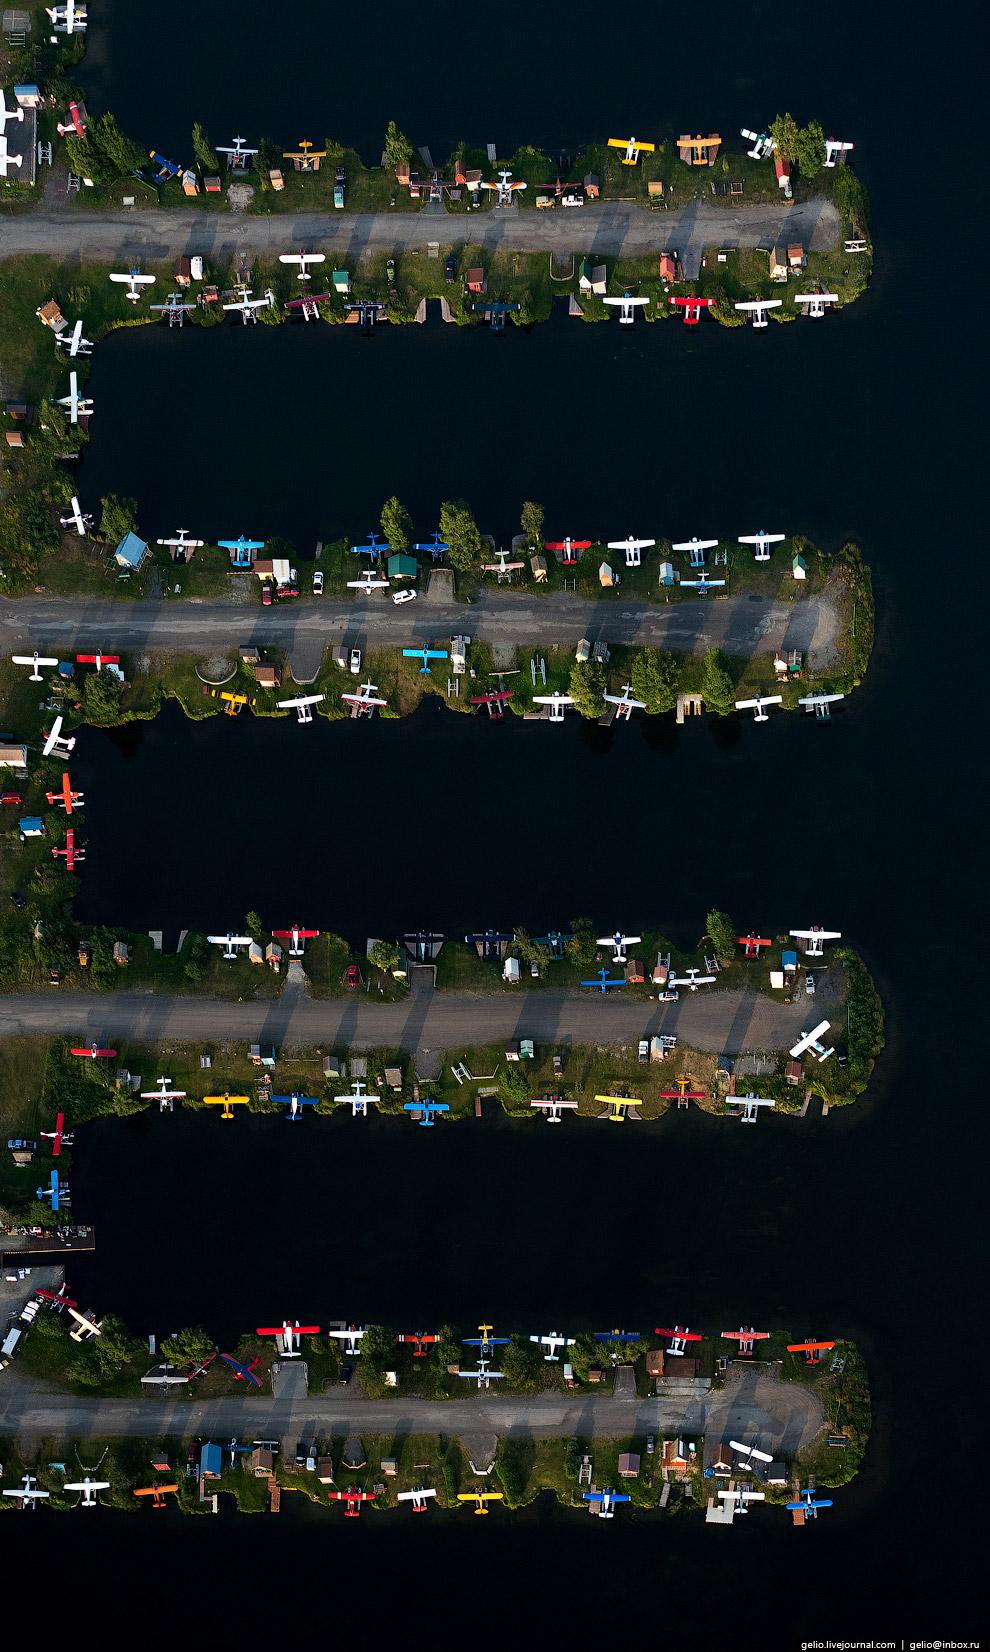 25. На Аляске нетрудно получить удостоверение пилота и покупкой самолёта знакомых здесь не удив